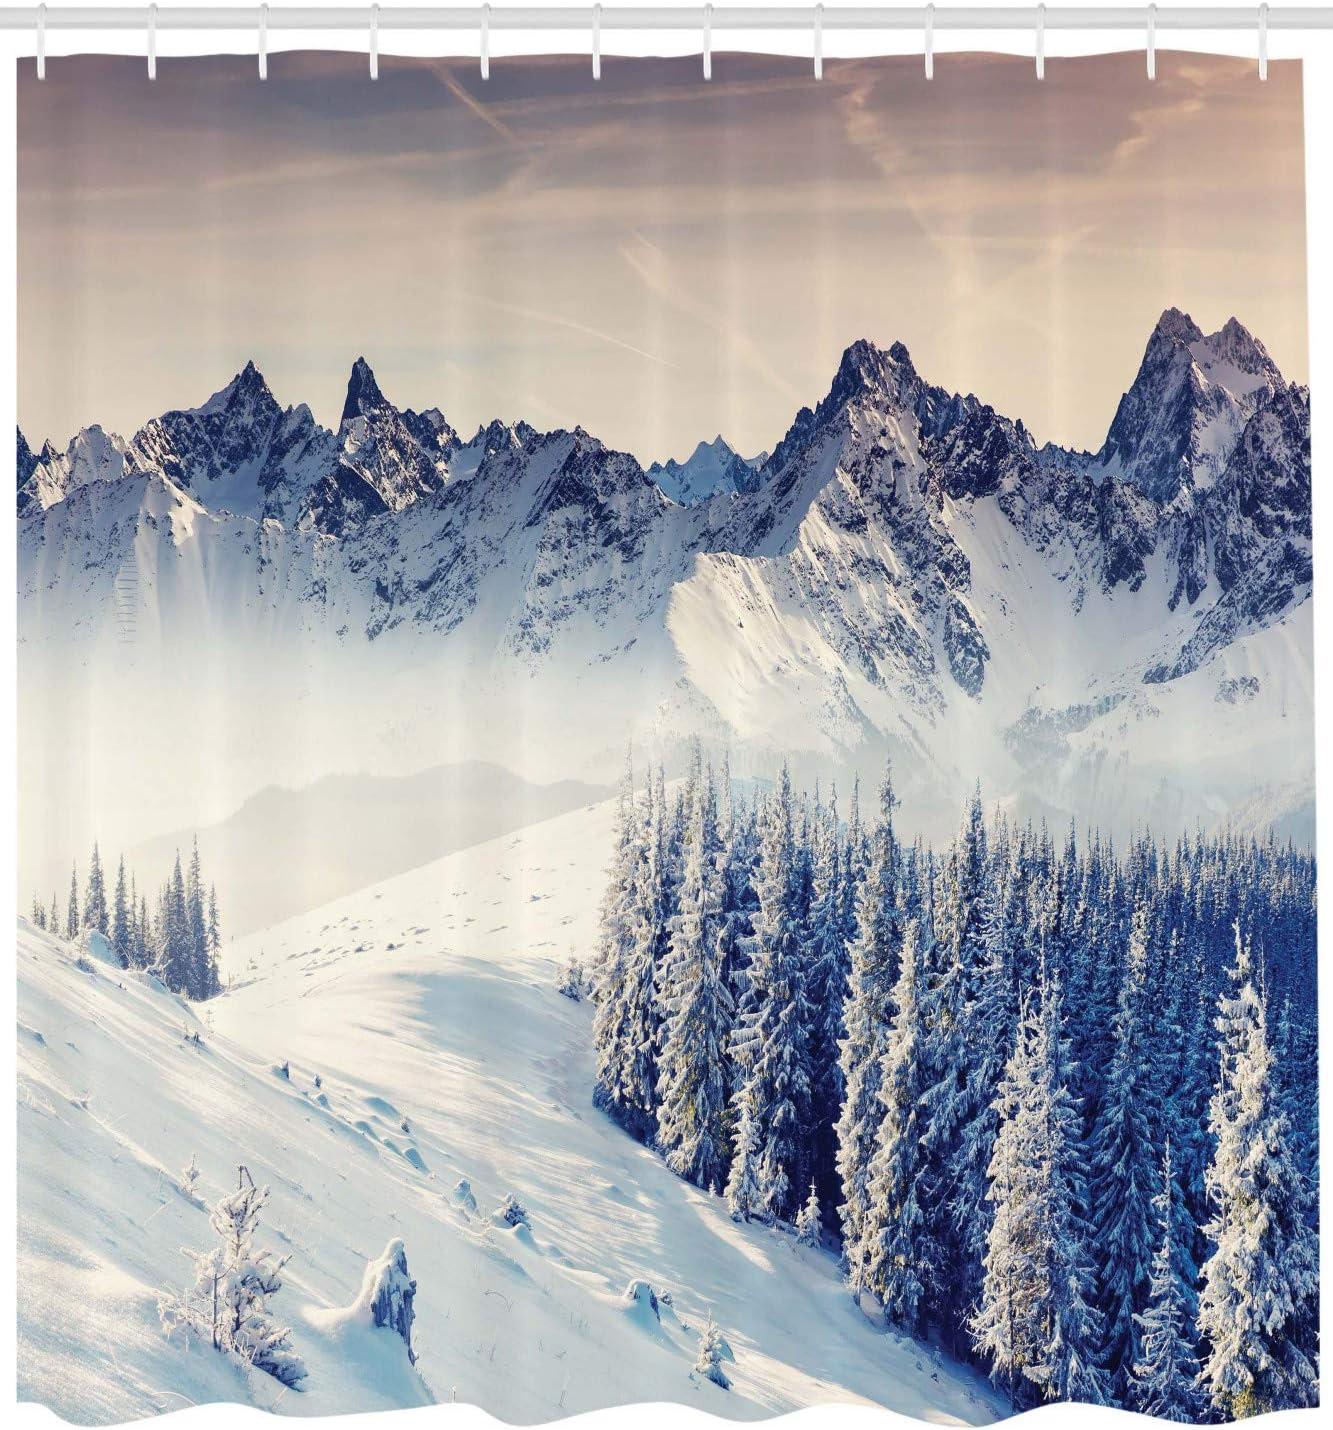 Blu Grigio Bianco ABAKUHAUS Natura Tenda da Doccia 175 x 180 cm Tessuto Set di Decorazioni per Il Bagno con Ganci Snowy Inverno Vista